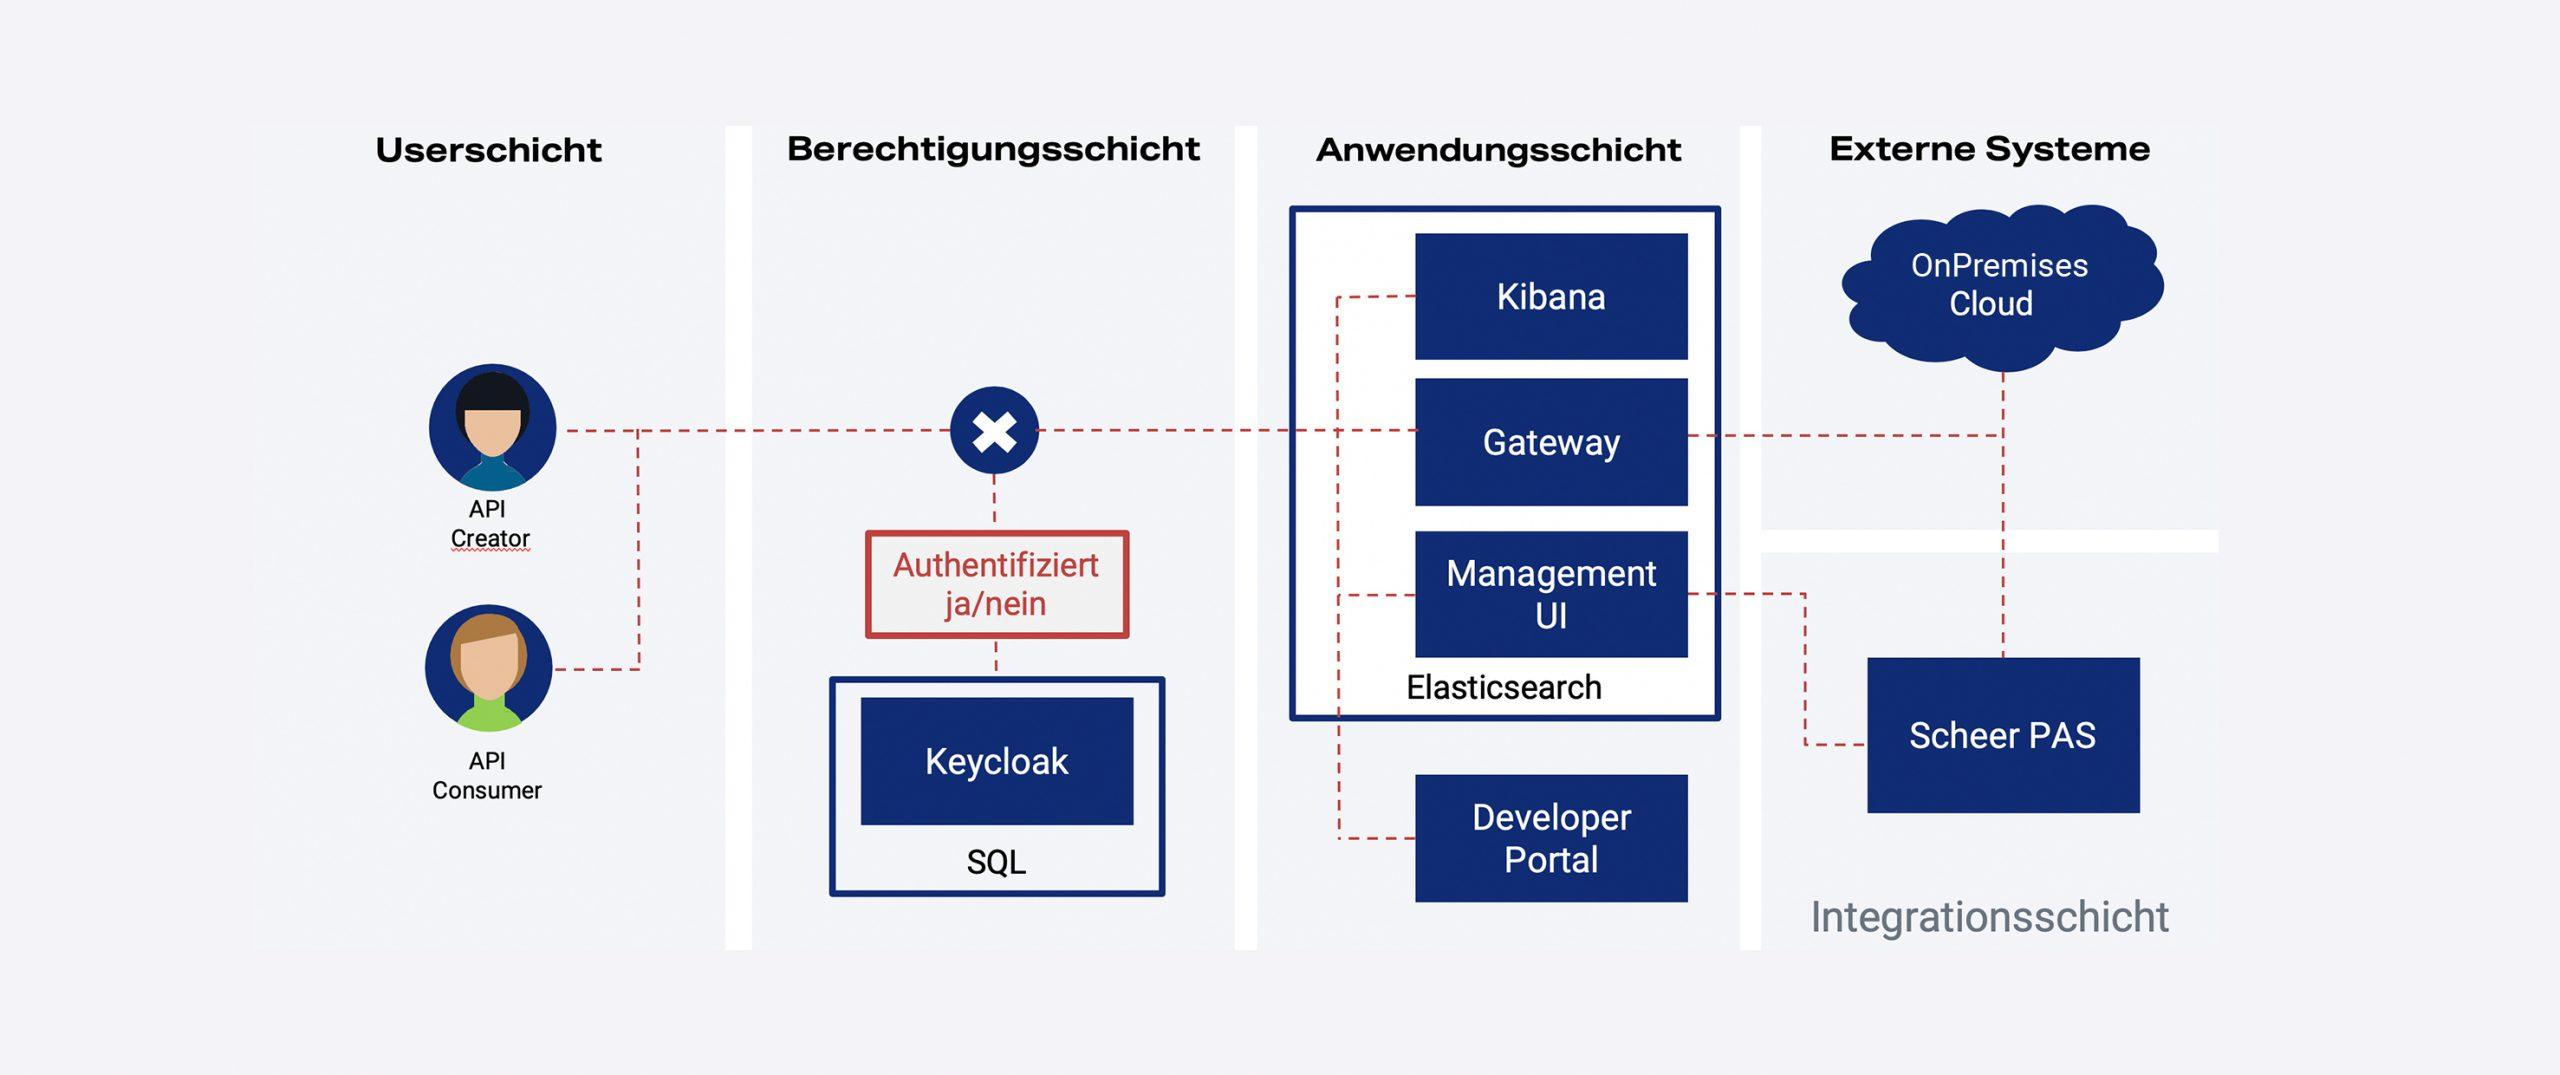 Scheer PAS API Management - Systemarchitektur